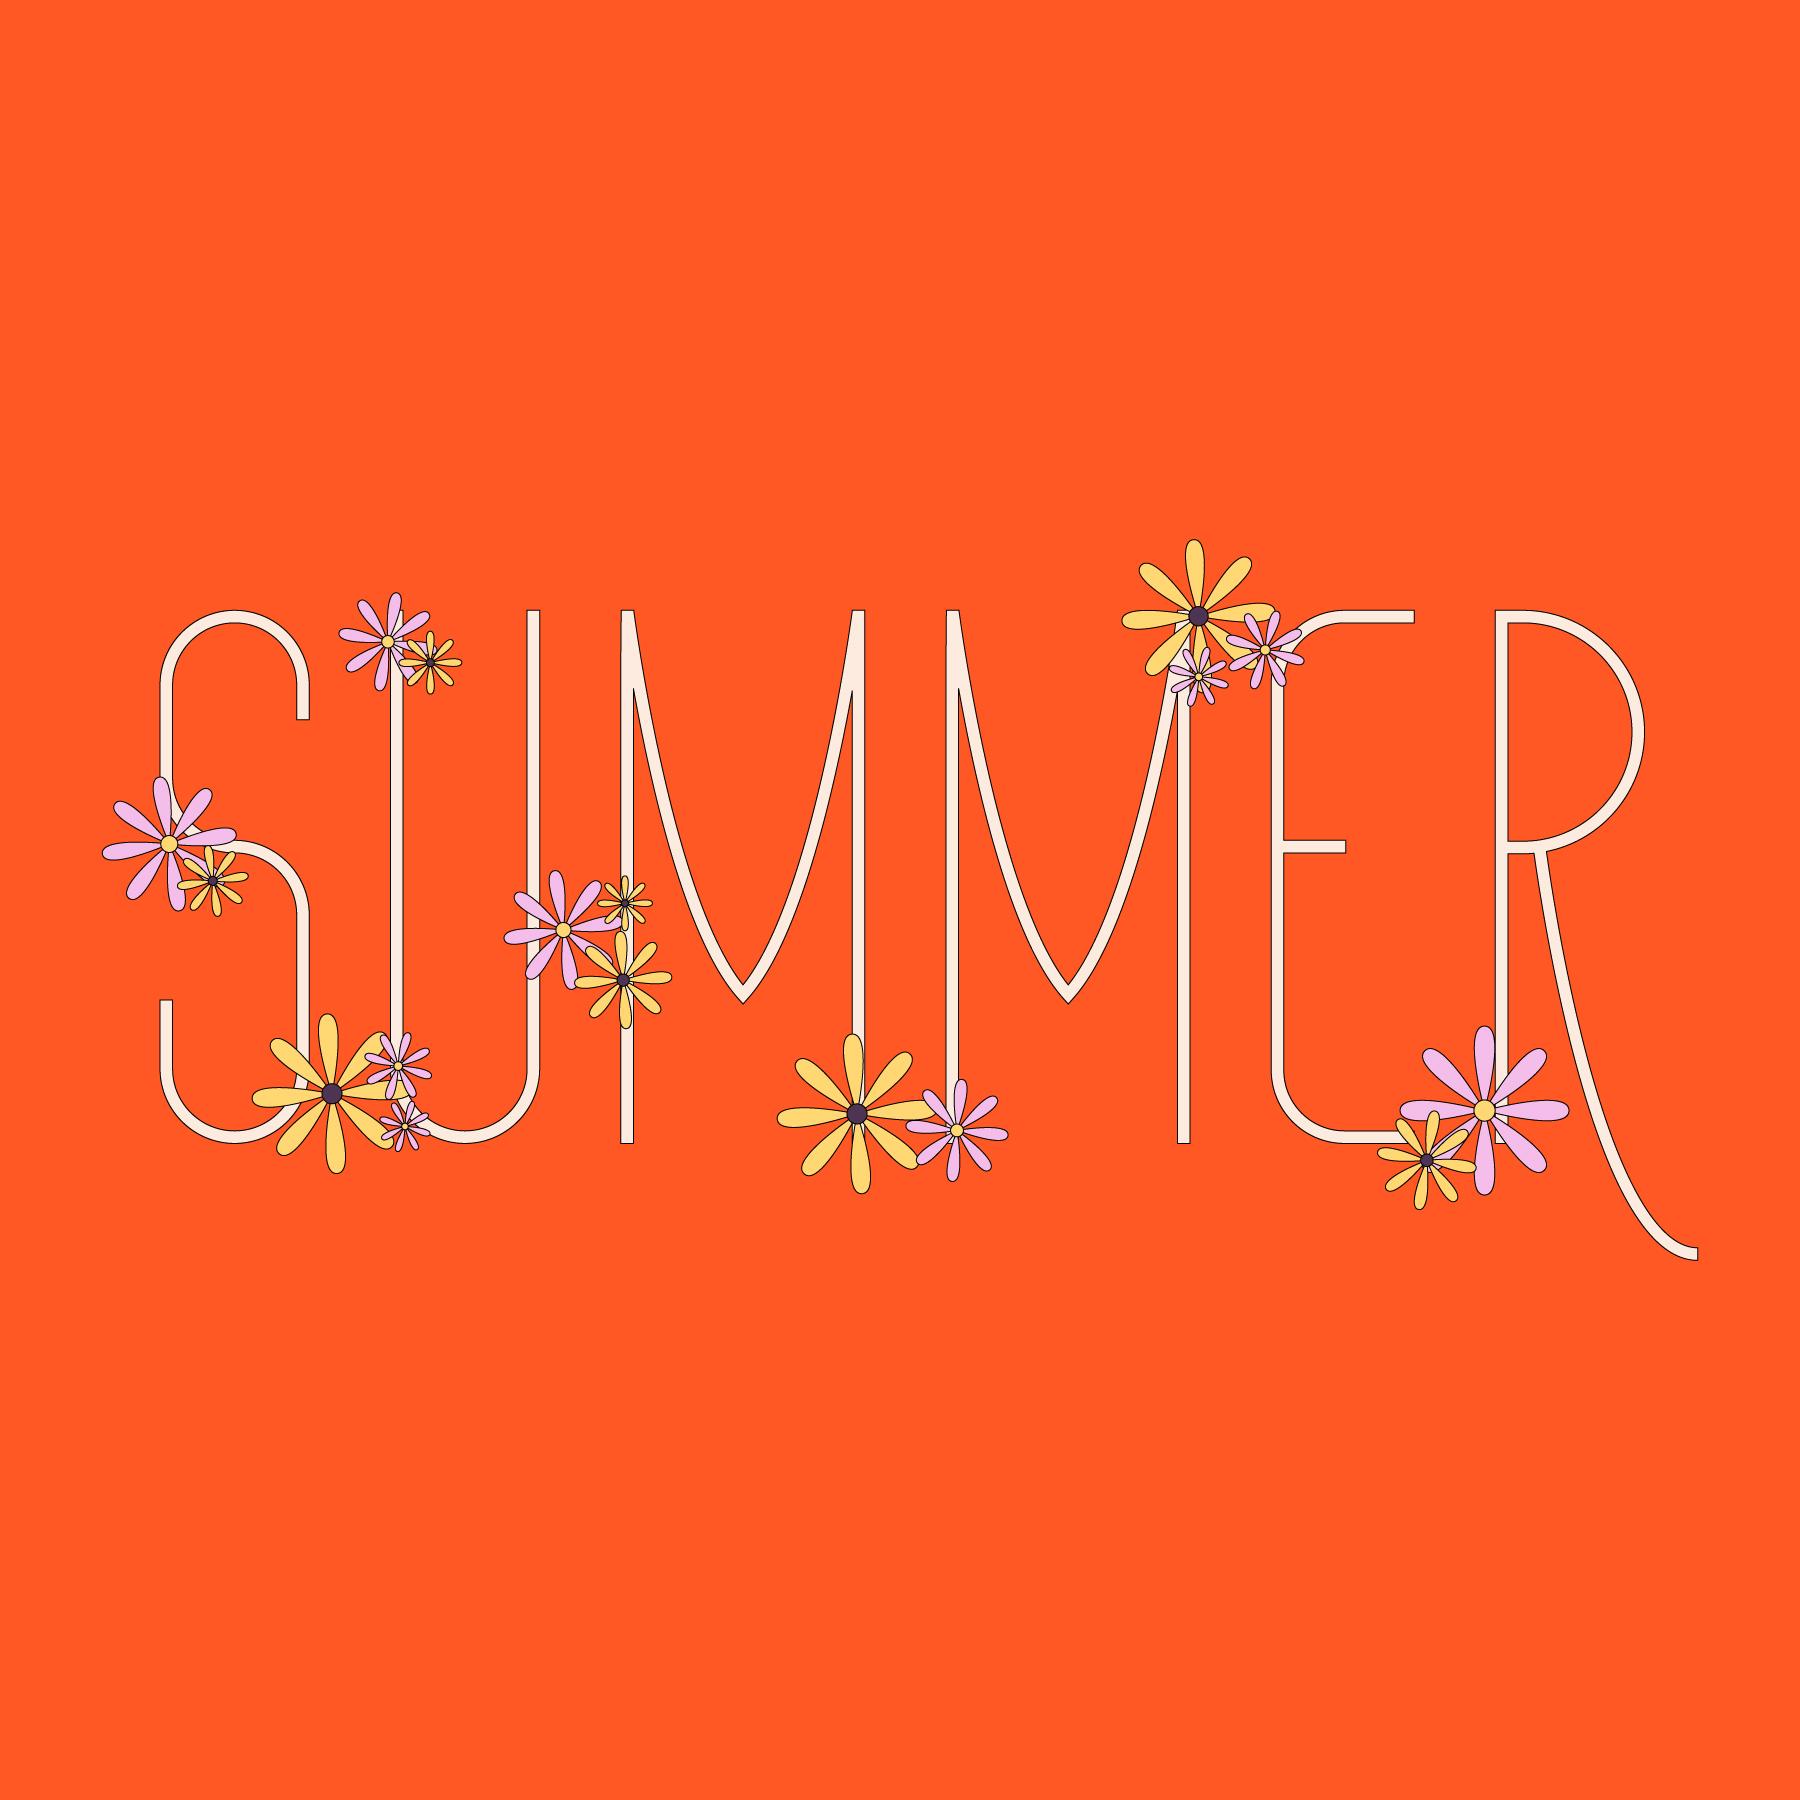 summer-3.jpg